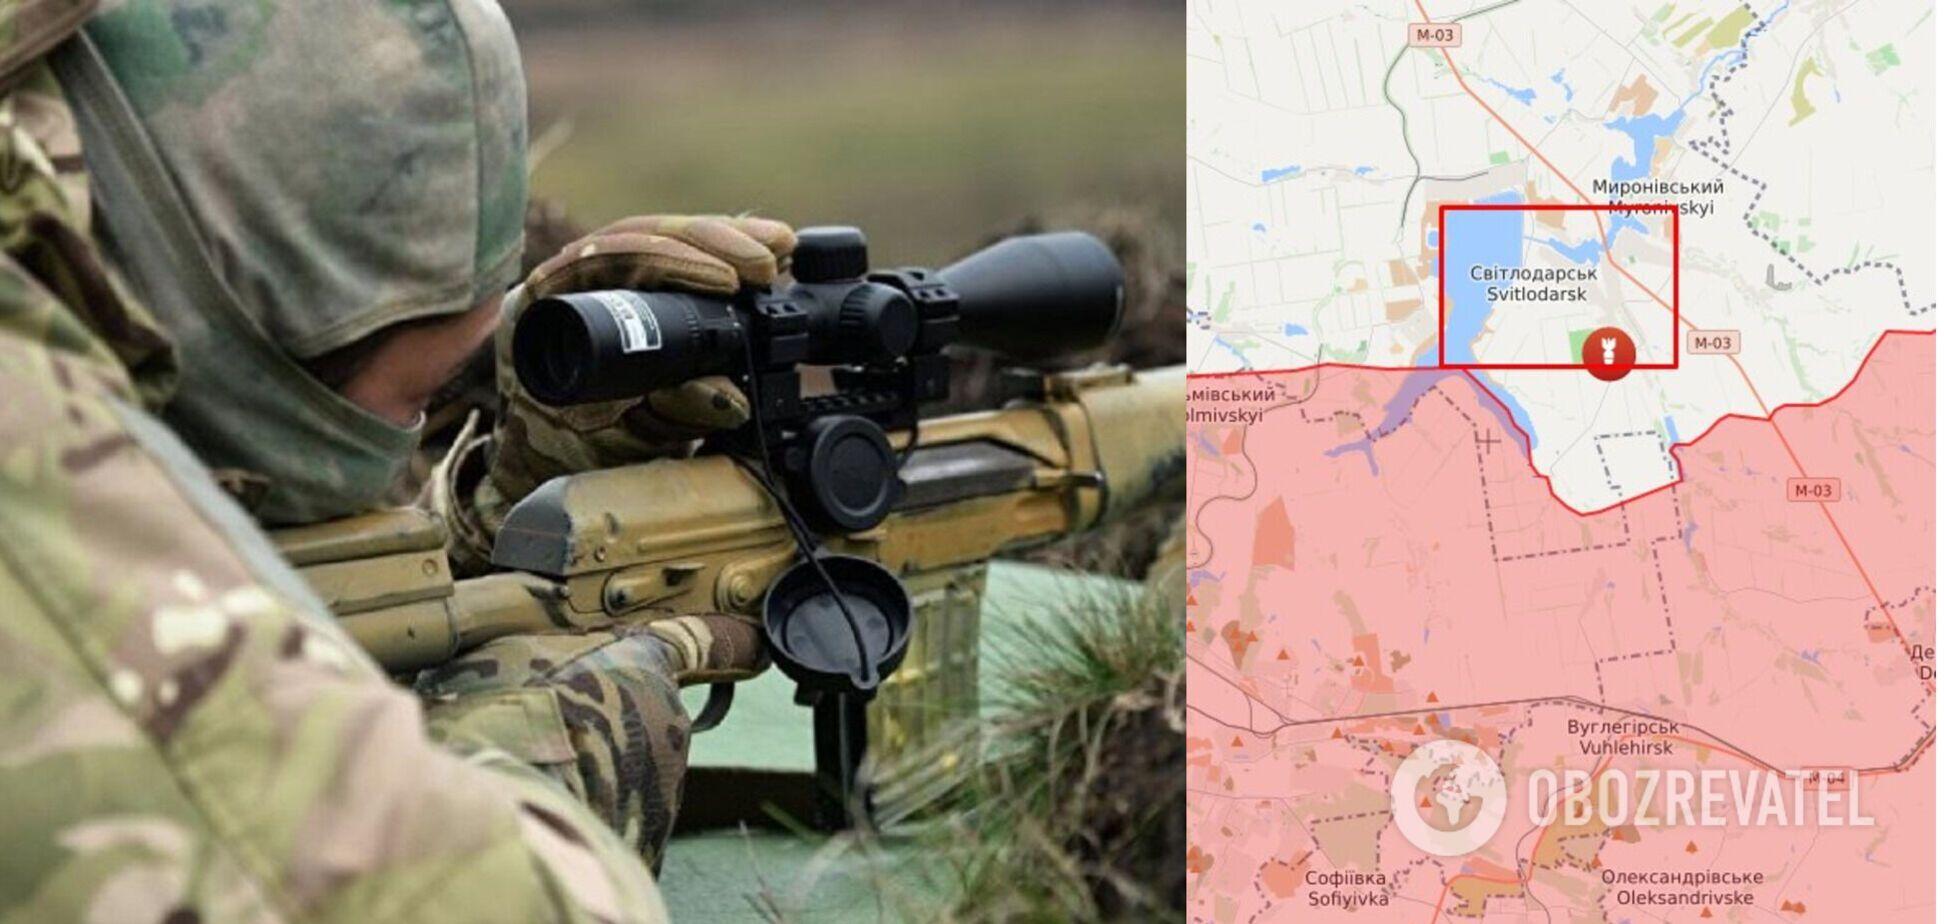 Снайперы РФ обстреляли ВСУ и получили ответ – штаб ООС